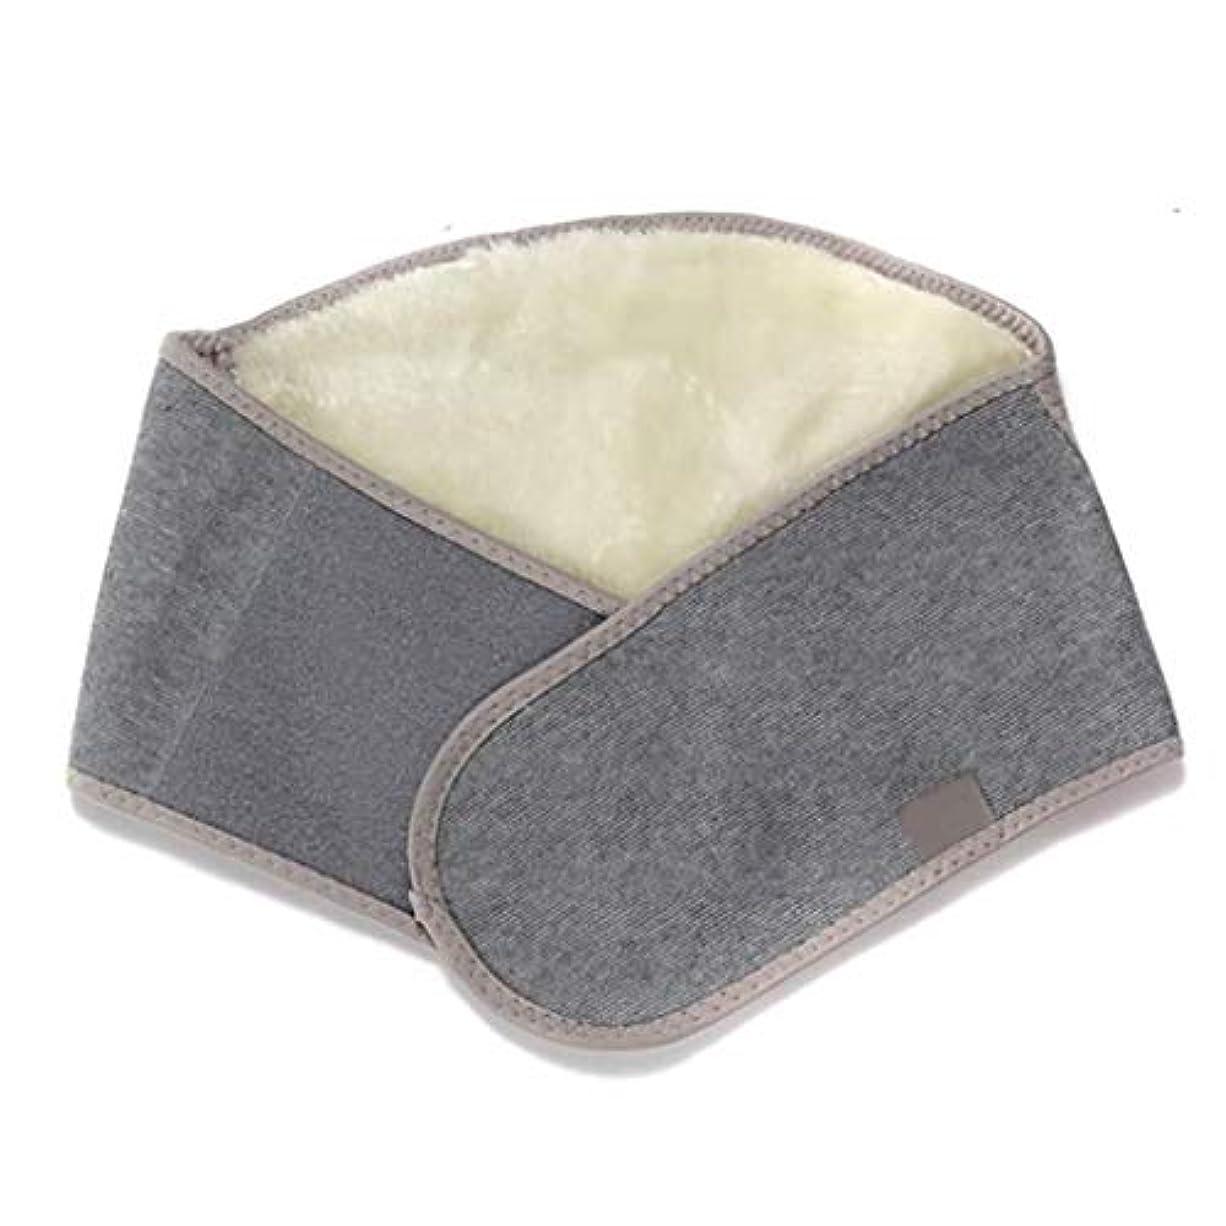 姿勢延期する不潔戻る/腰サポートベルト、竹炭カシミヤベルト背面通気性を温め、痛みや防ぐ傷害を和らげます